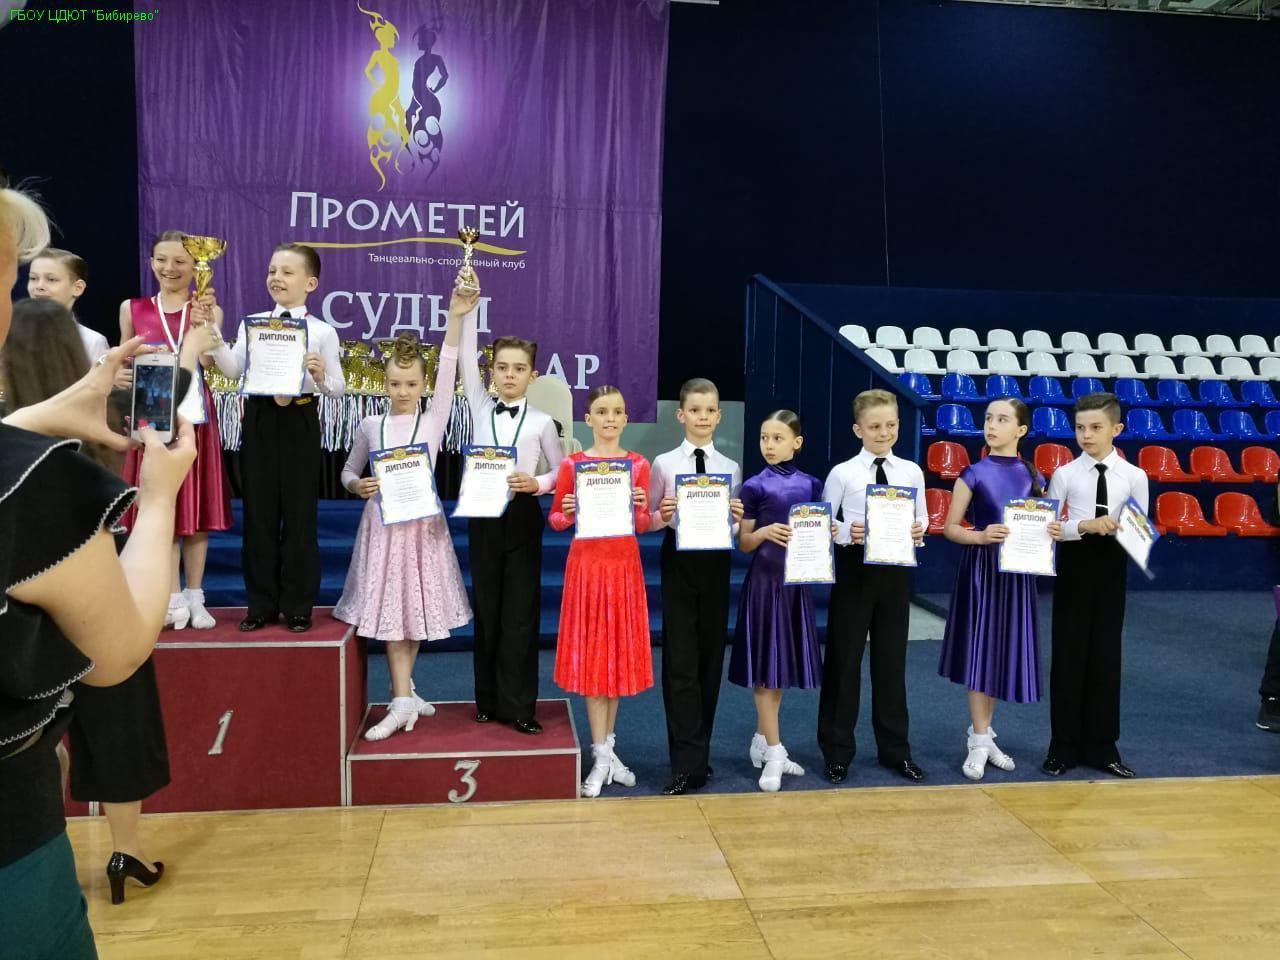 Танцоры из Бибирева успешно выступили на международных соревнованиях «Прометей»